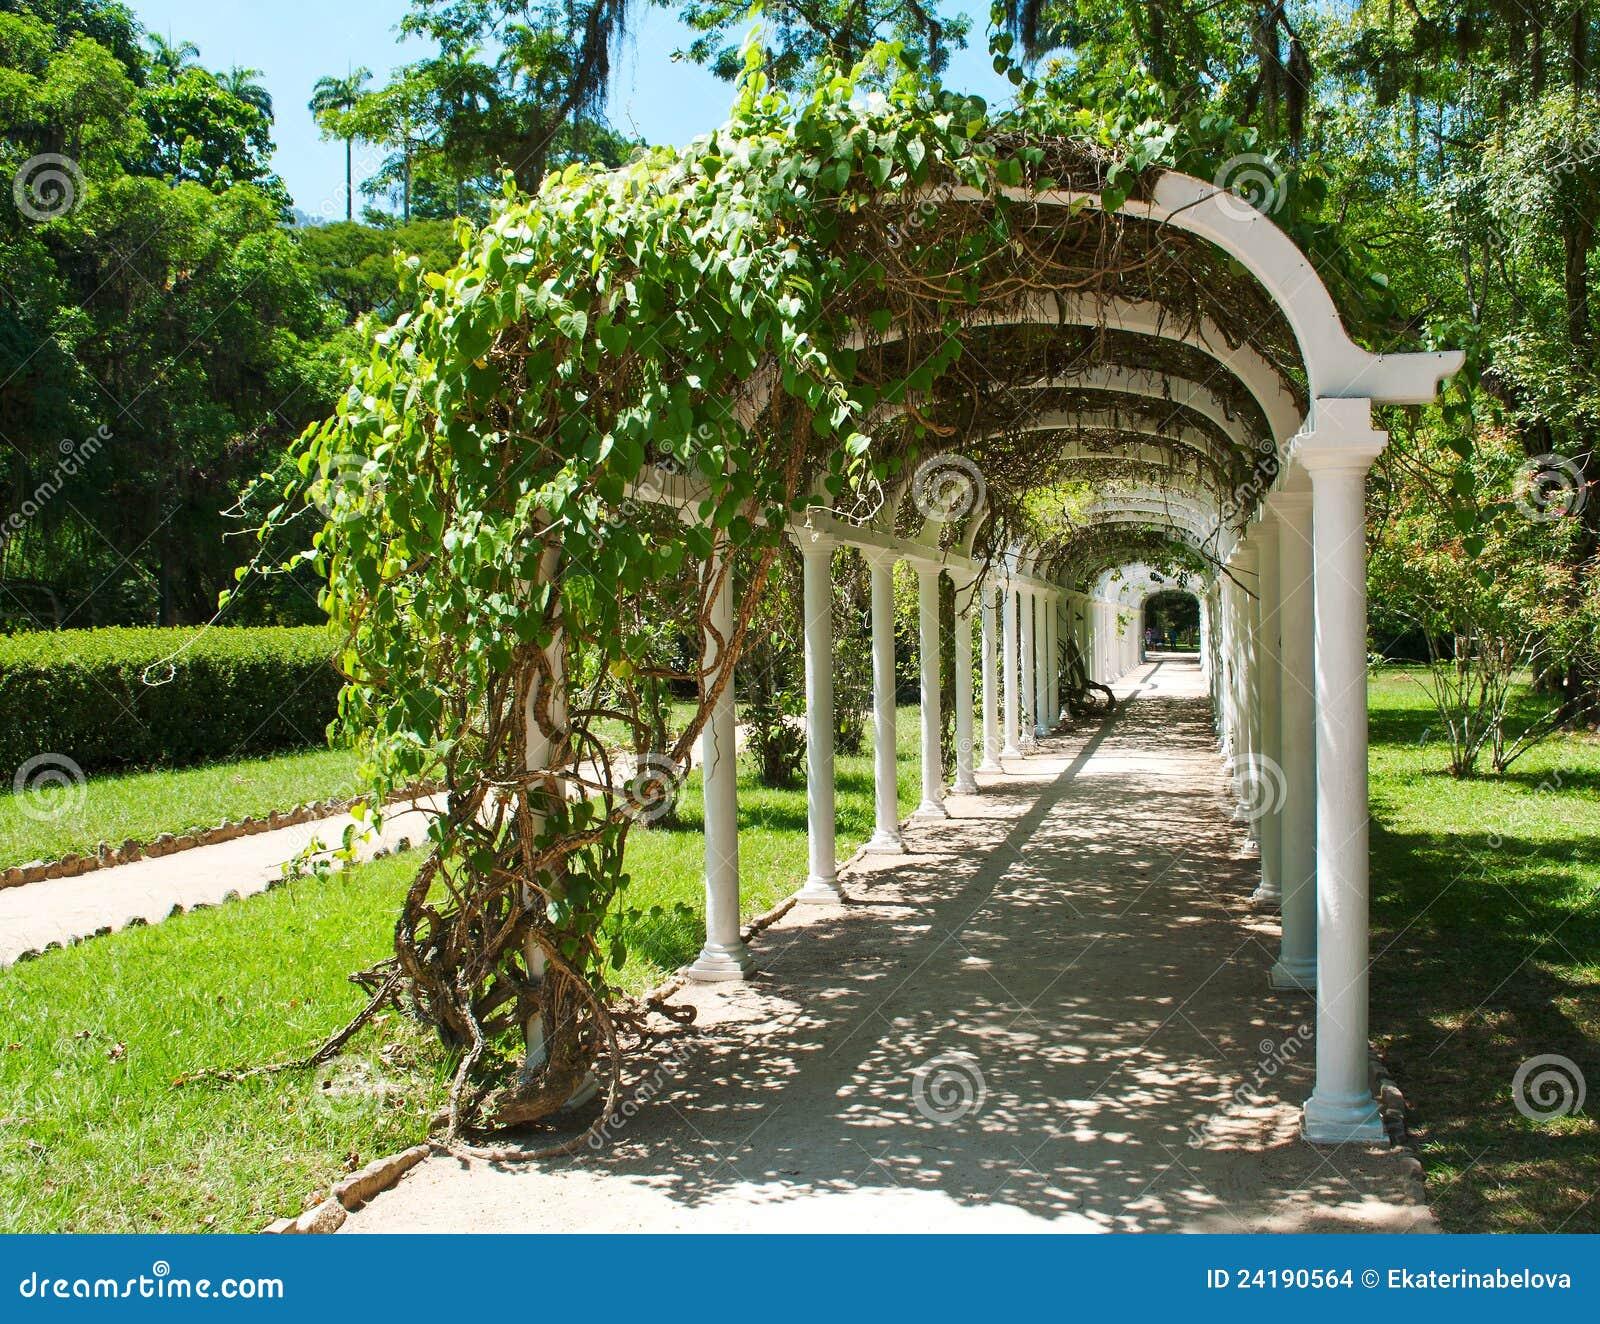 Pergola dans le jardin botanique dans rio de janeiro for Dans le jardin